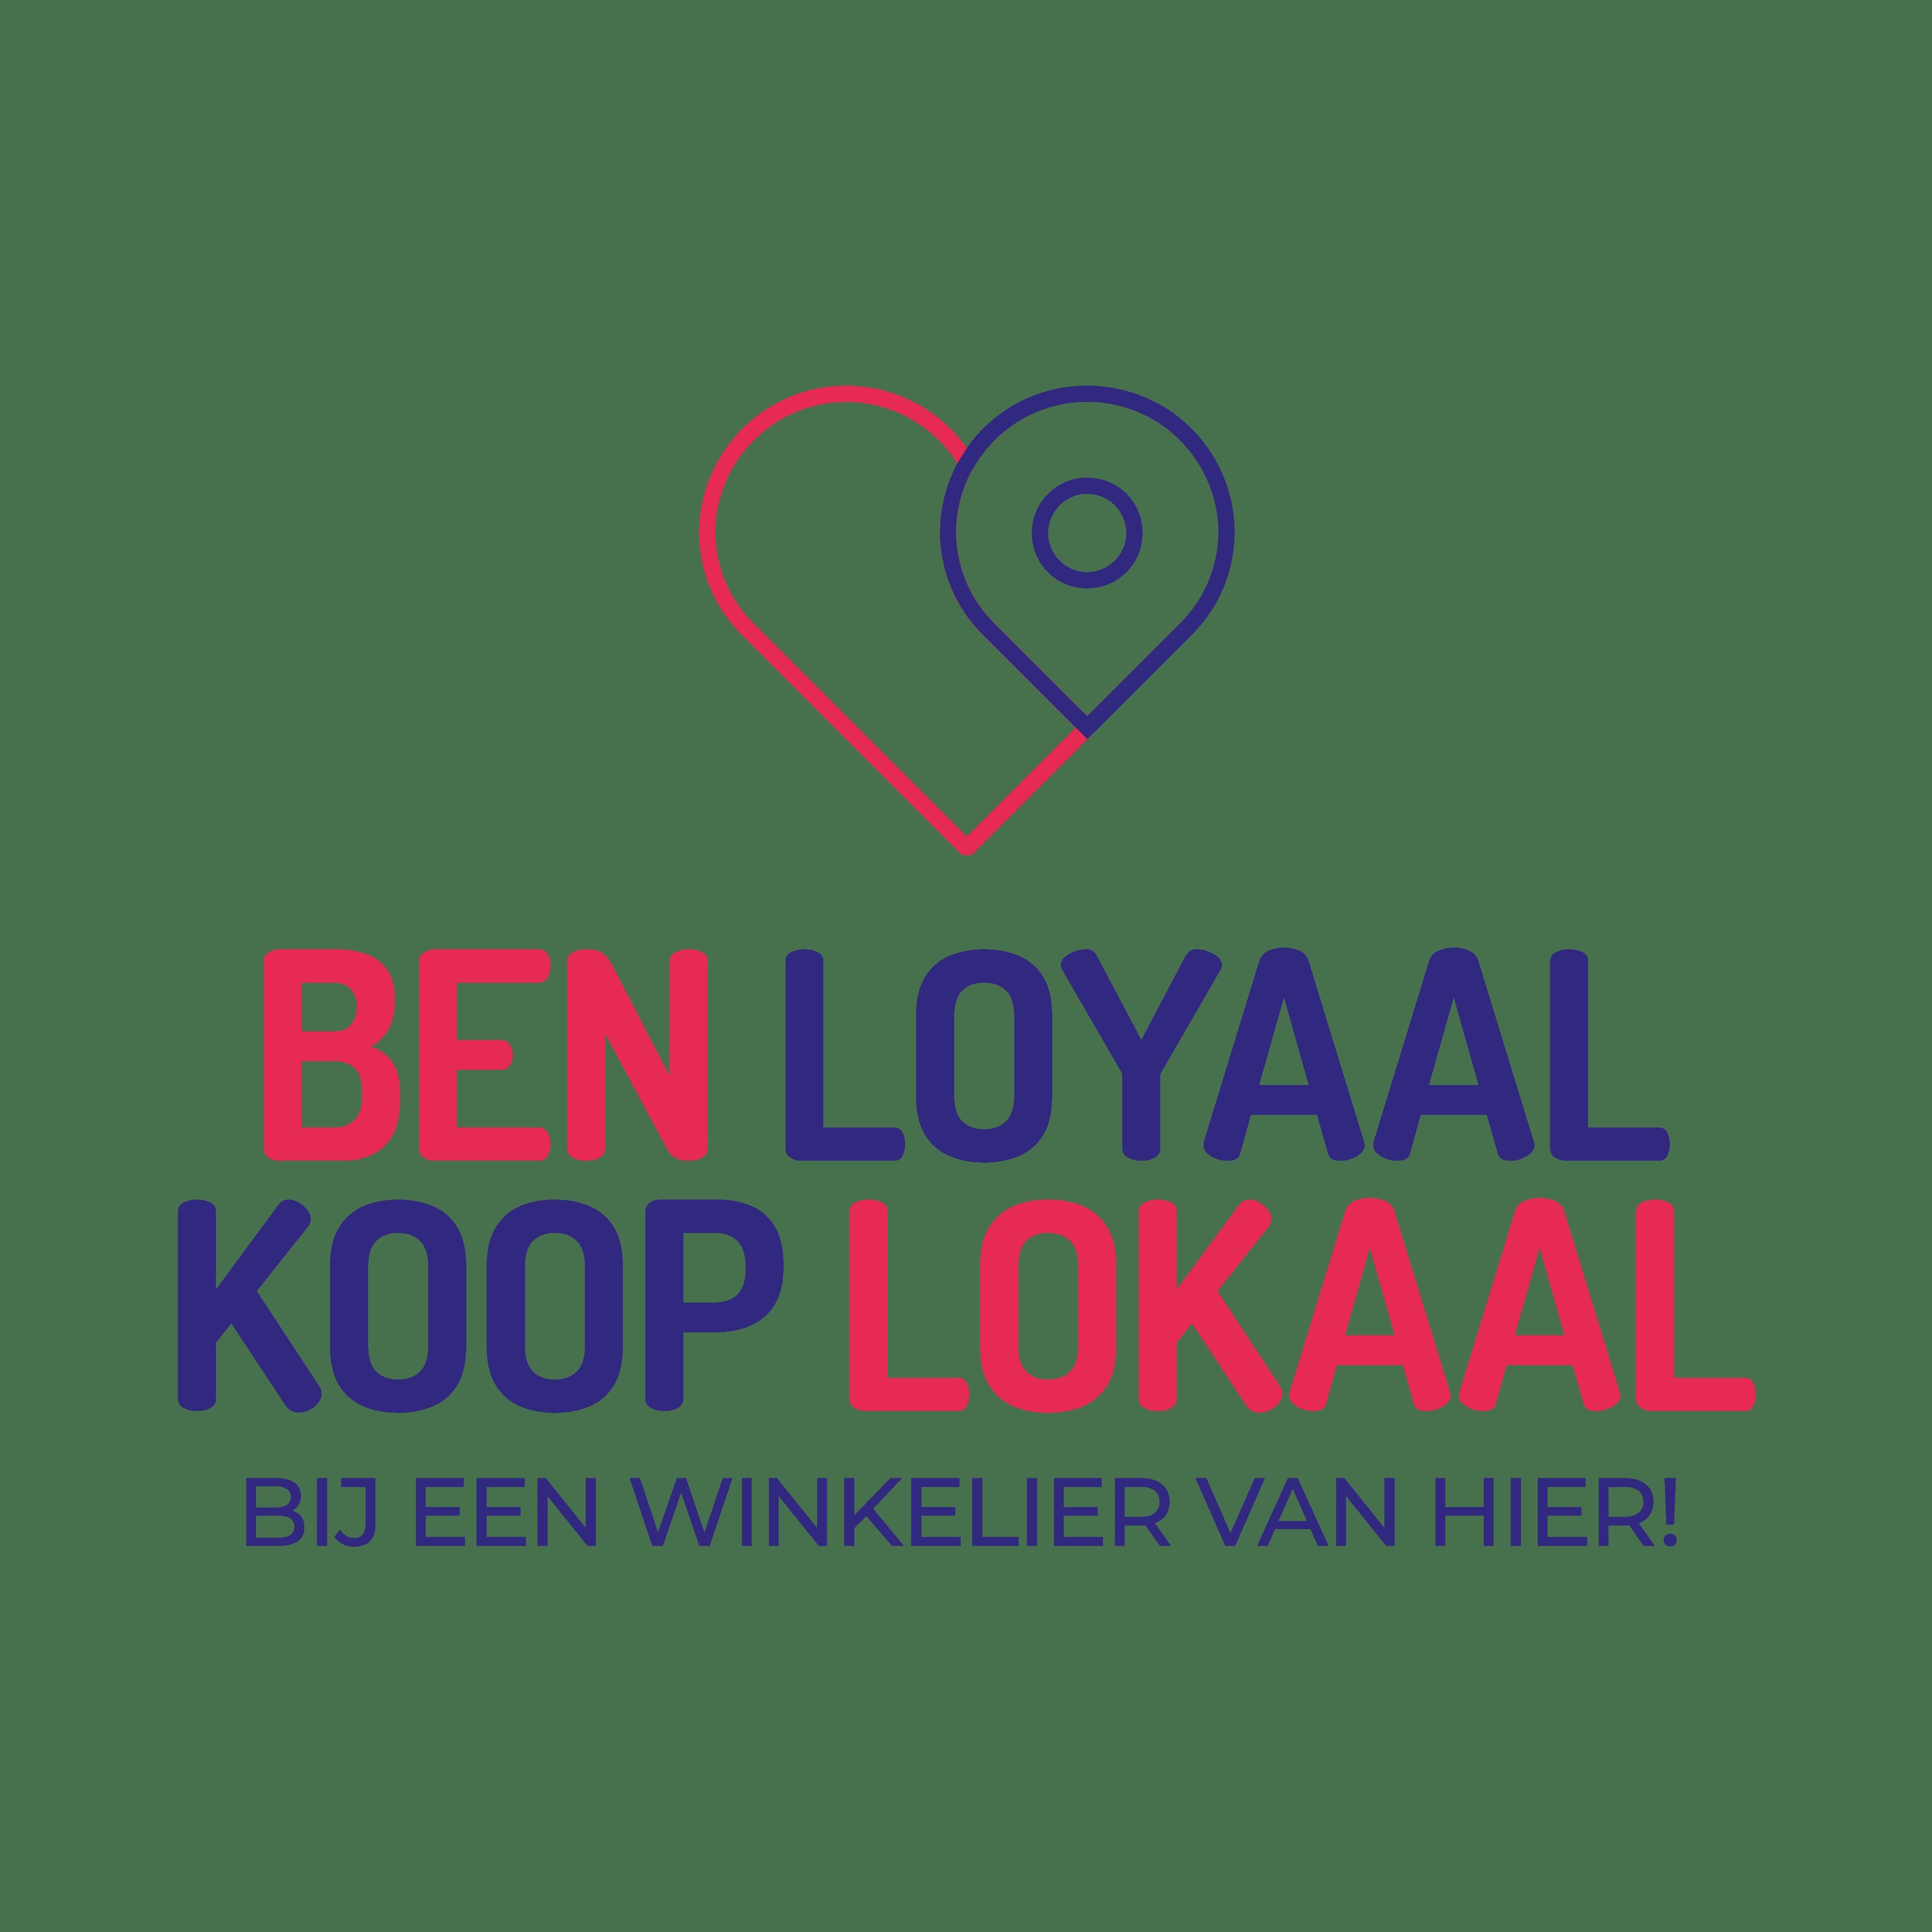 BenLoyaalKoopLokaal logo